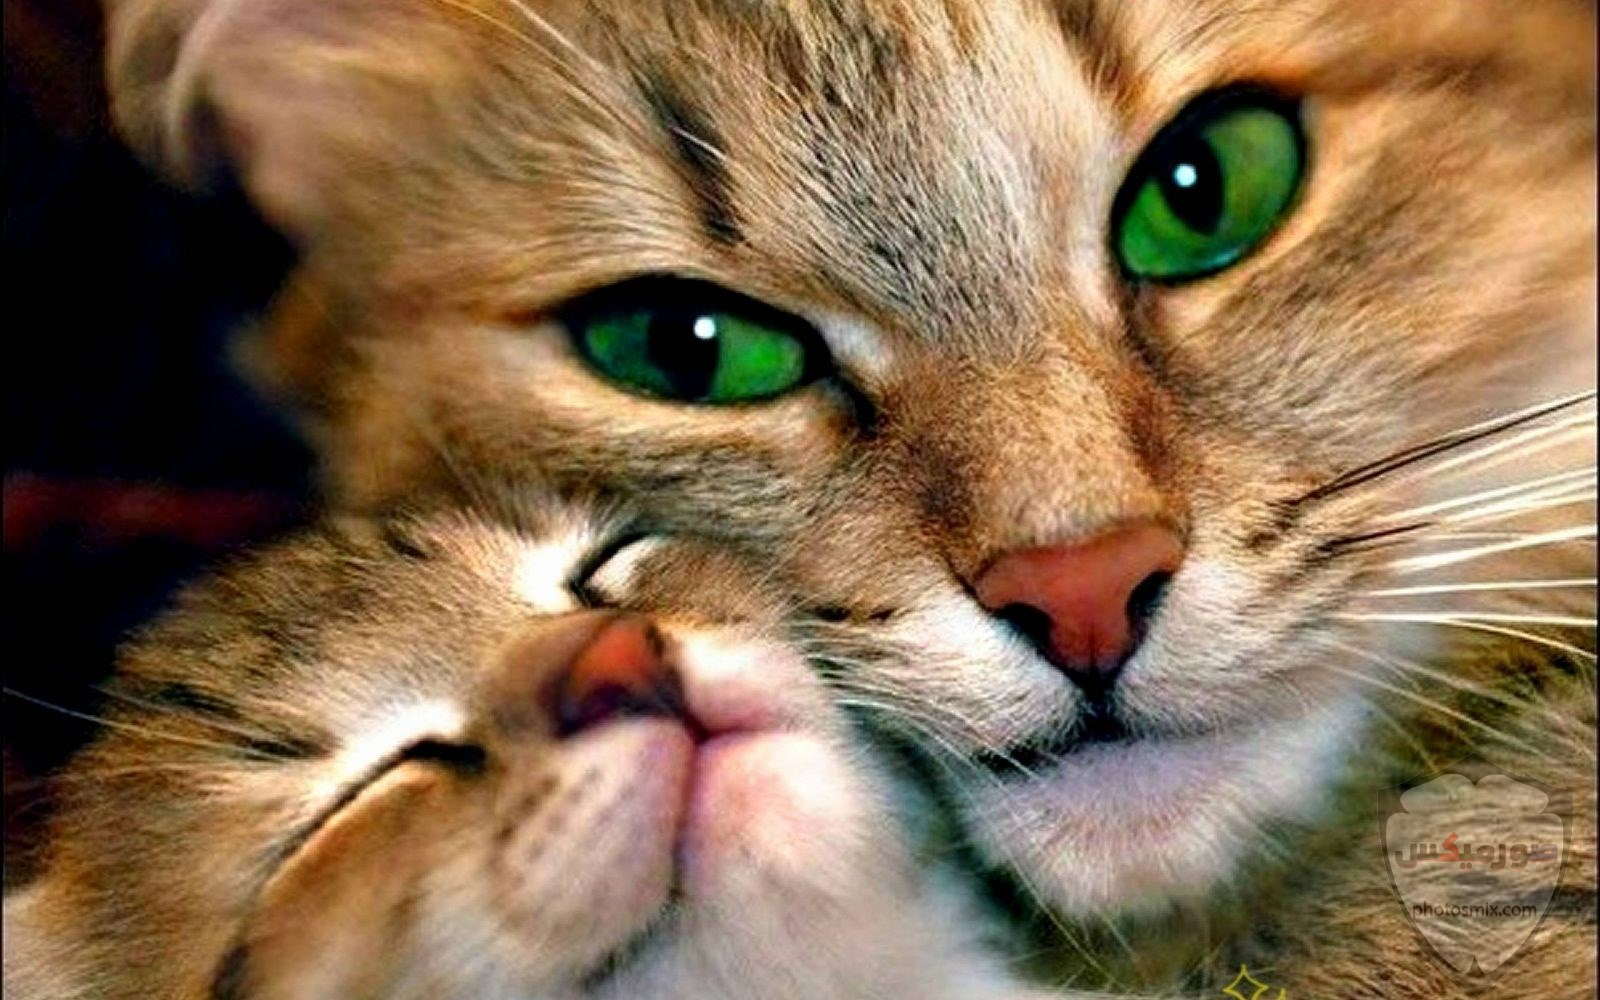 صور خلفيات رمزيات قطط كيوت صورة قطة كيوت جدا 18